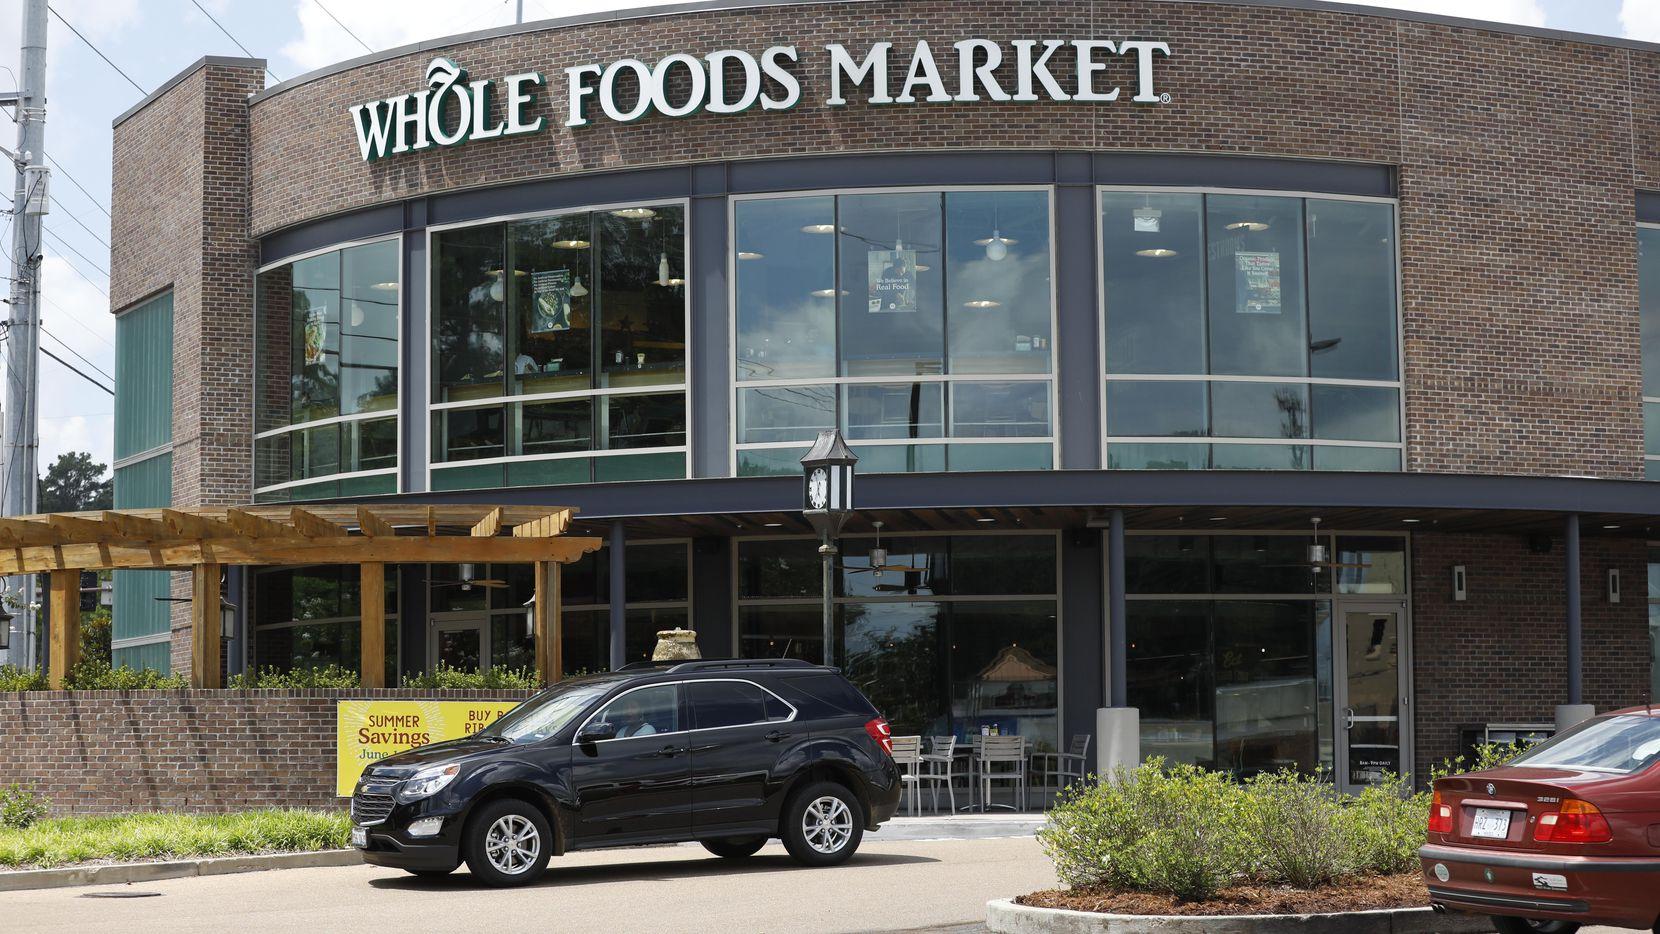 Whole Foods fue adquirida por Amazon. El futuro de las compras de supermercado es en línea.